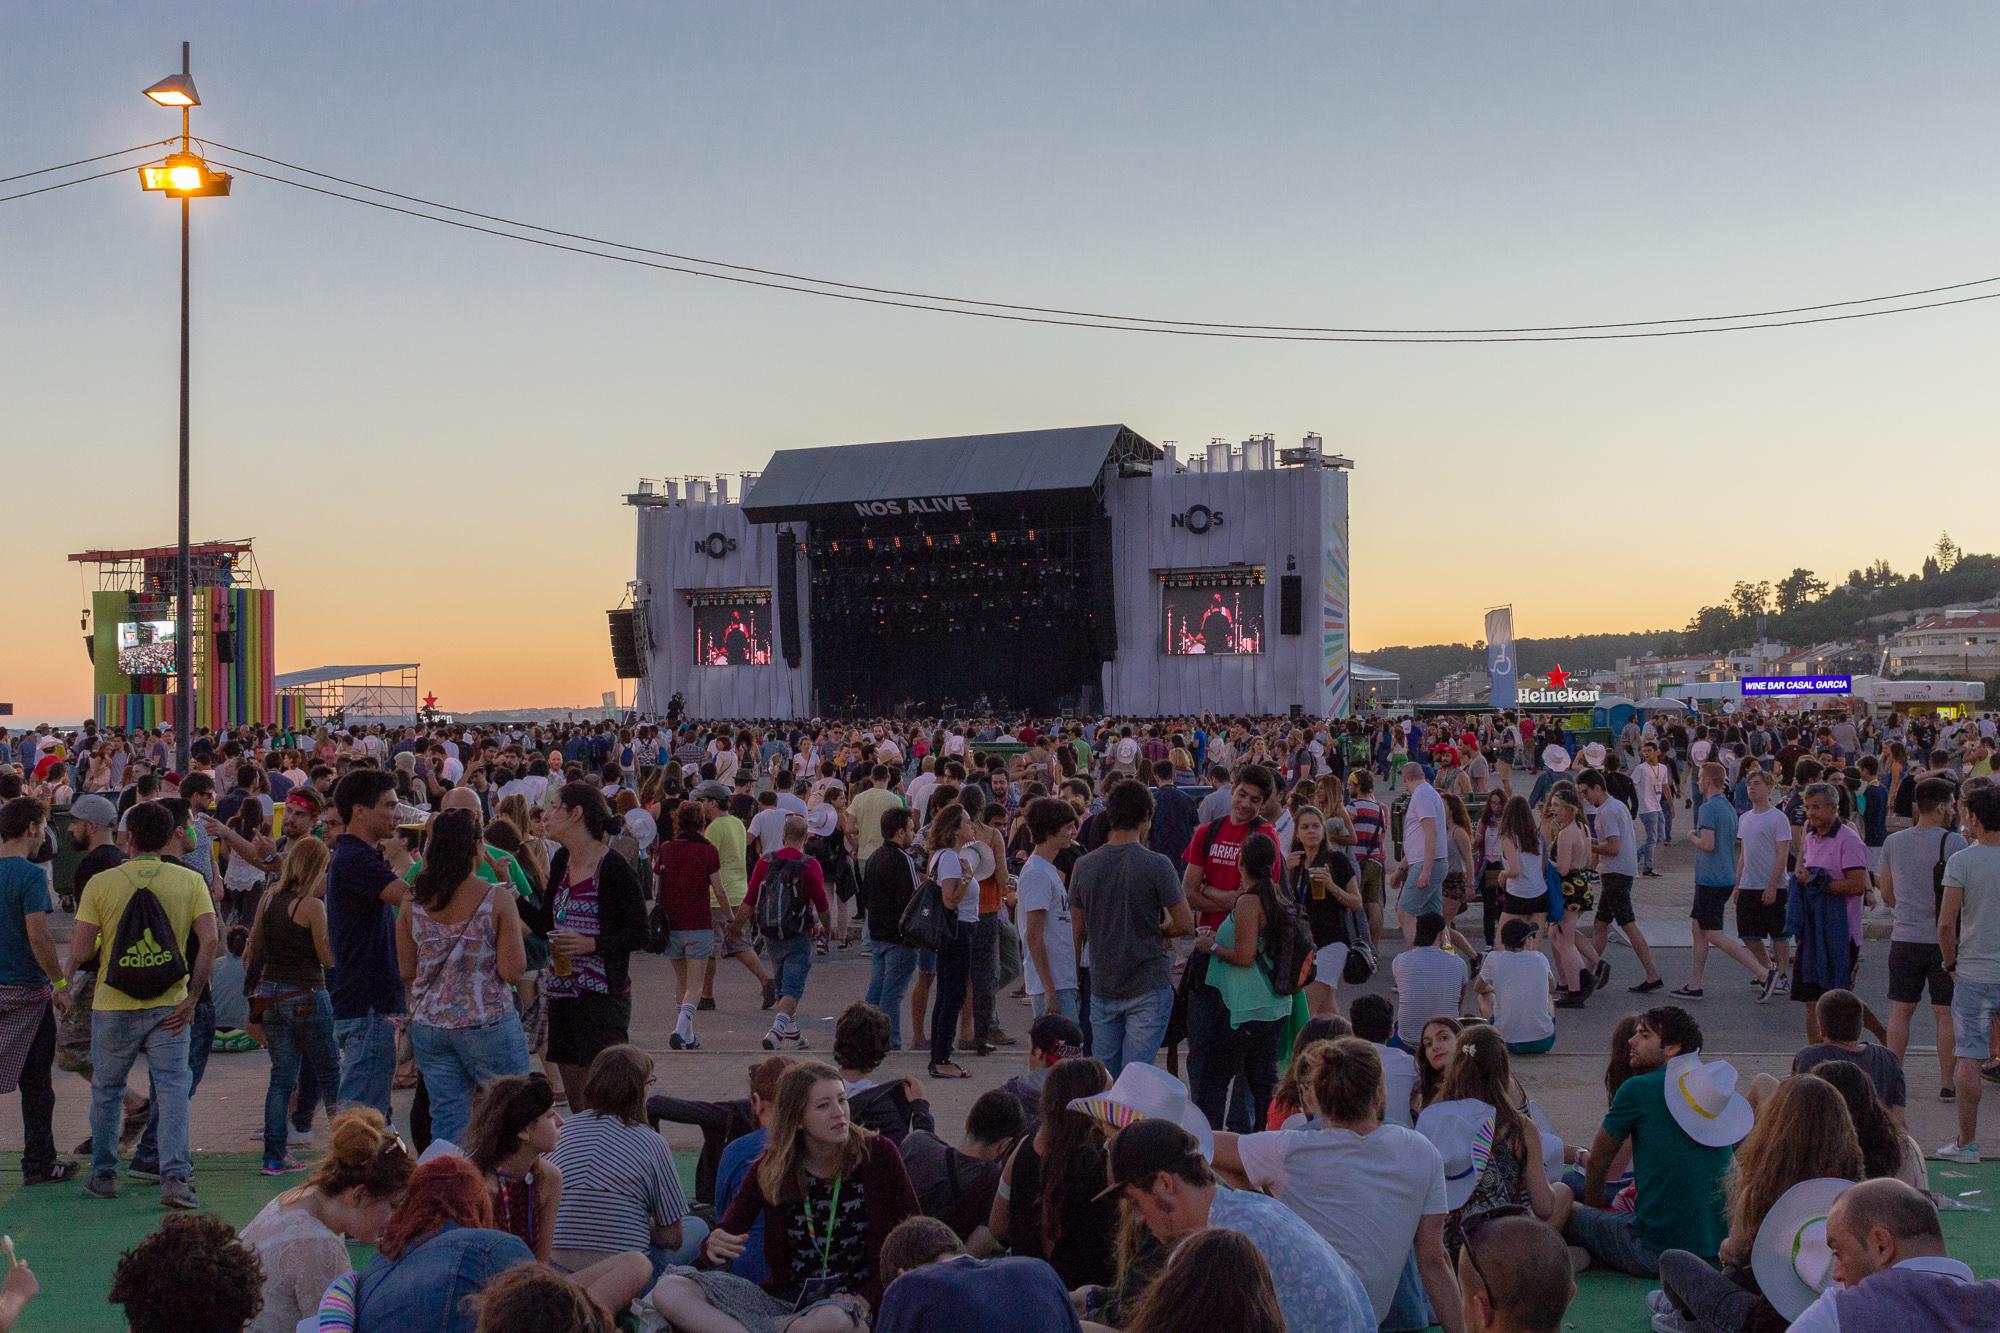 Grande scène et foule des festivaliers au coucher du soleil, festival Nos Alive, Lisbonne, Portugal